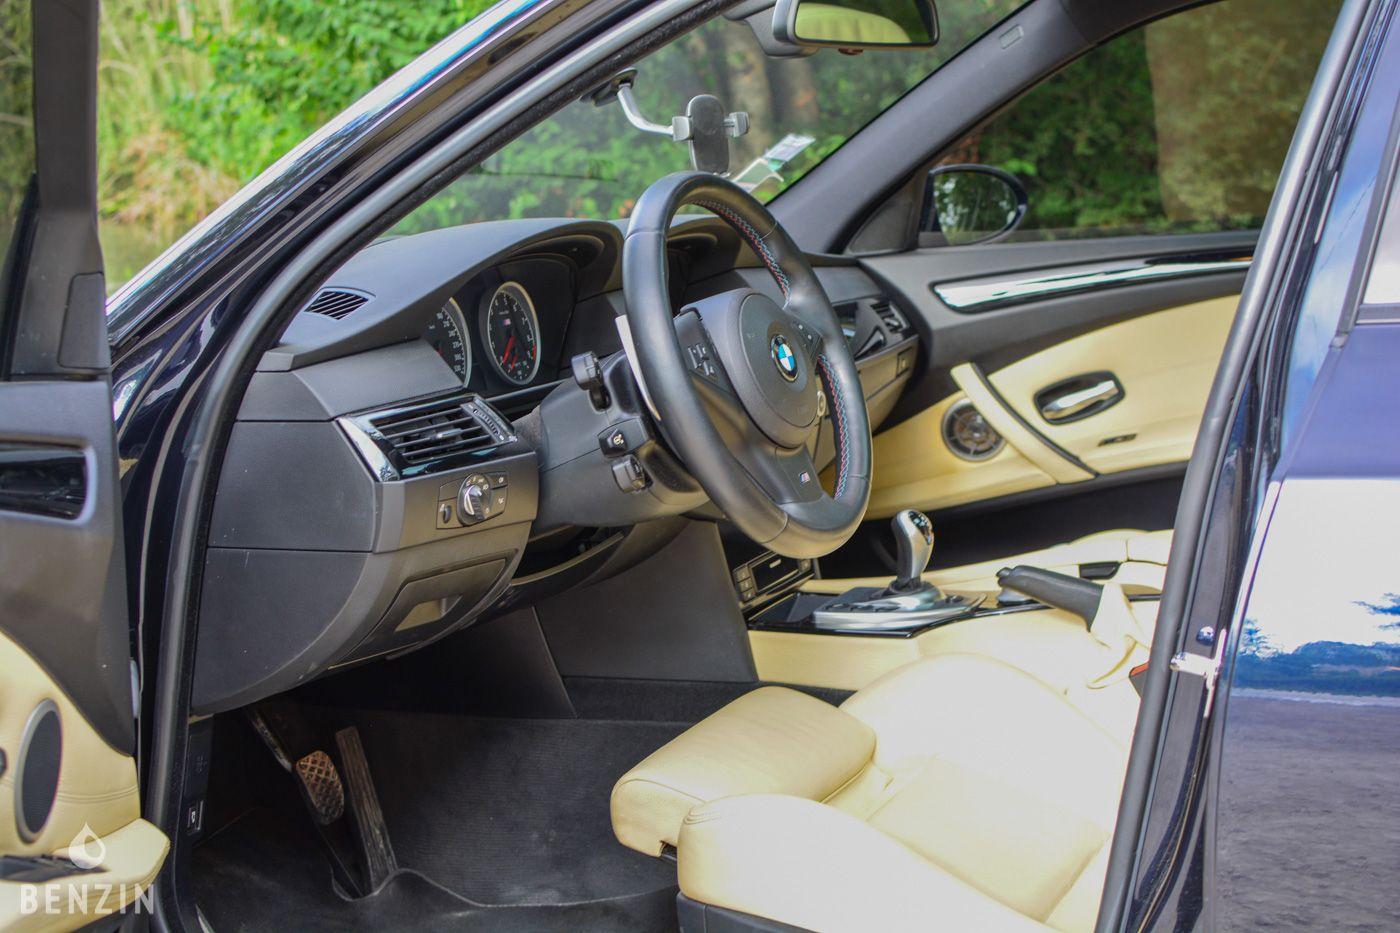 BMW M5 E60 LCI OCCASION A VENDRE FOR SALE EN VENTA IN VENDITA ZU VERKAUFEN TE KOOP - 2008